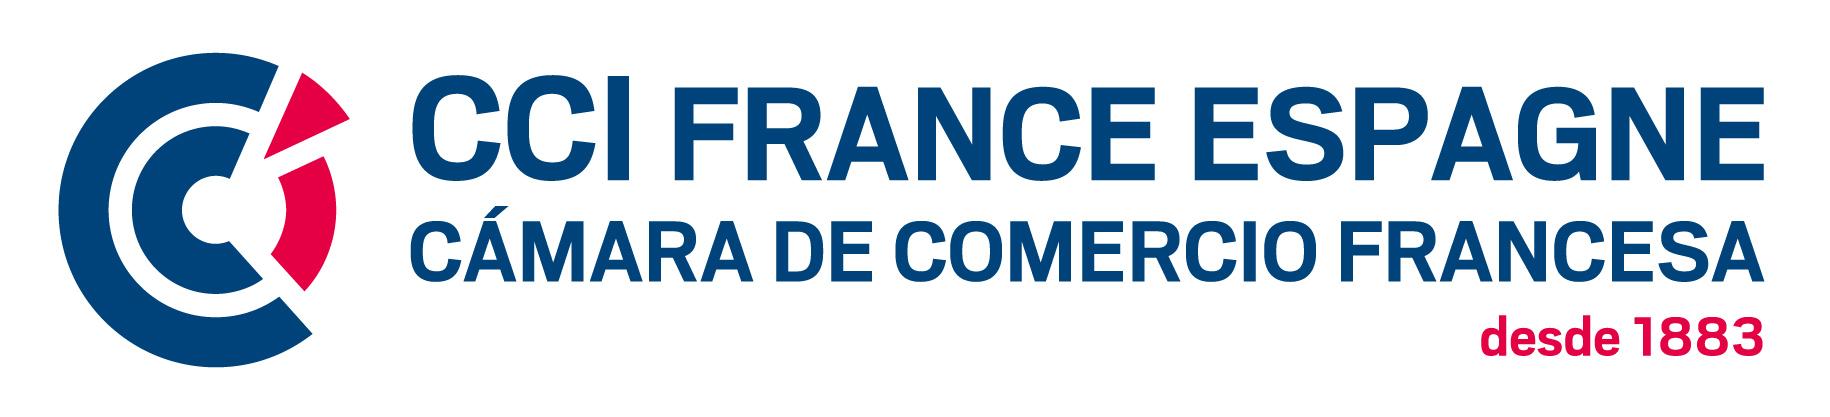 cci france espagne immobiliari